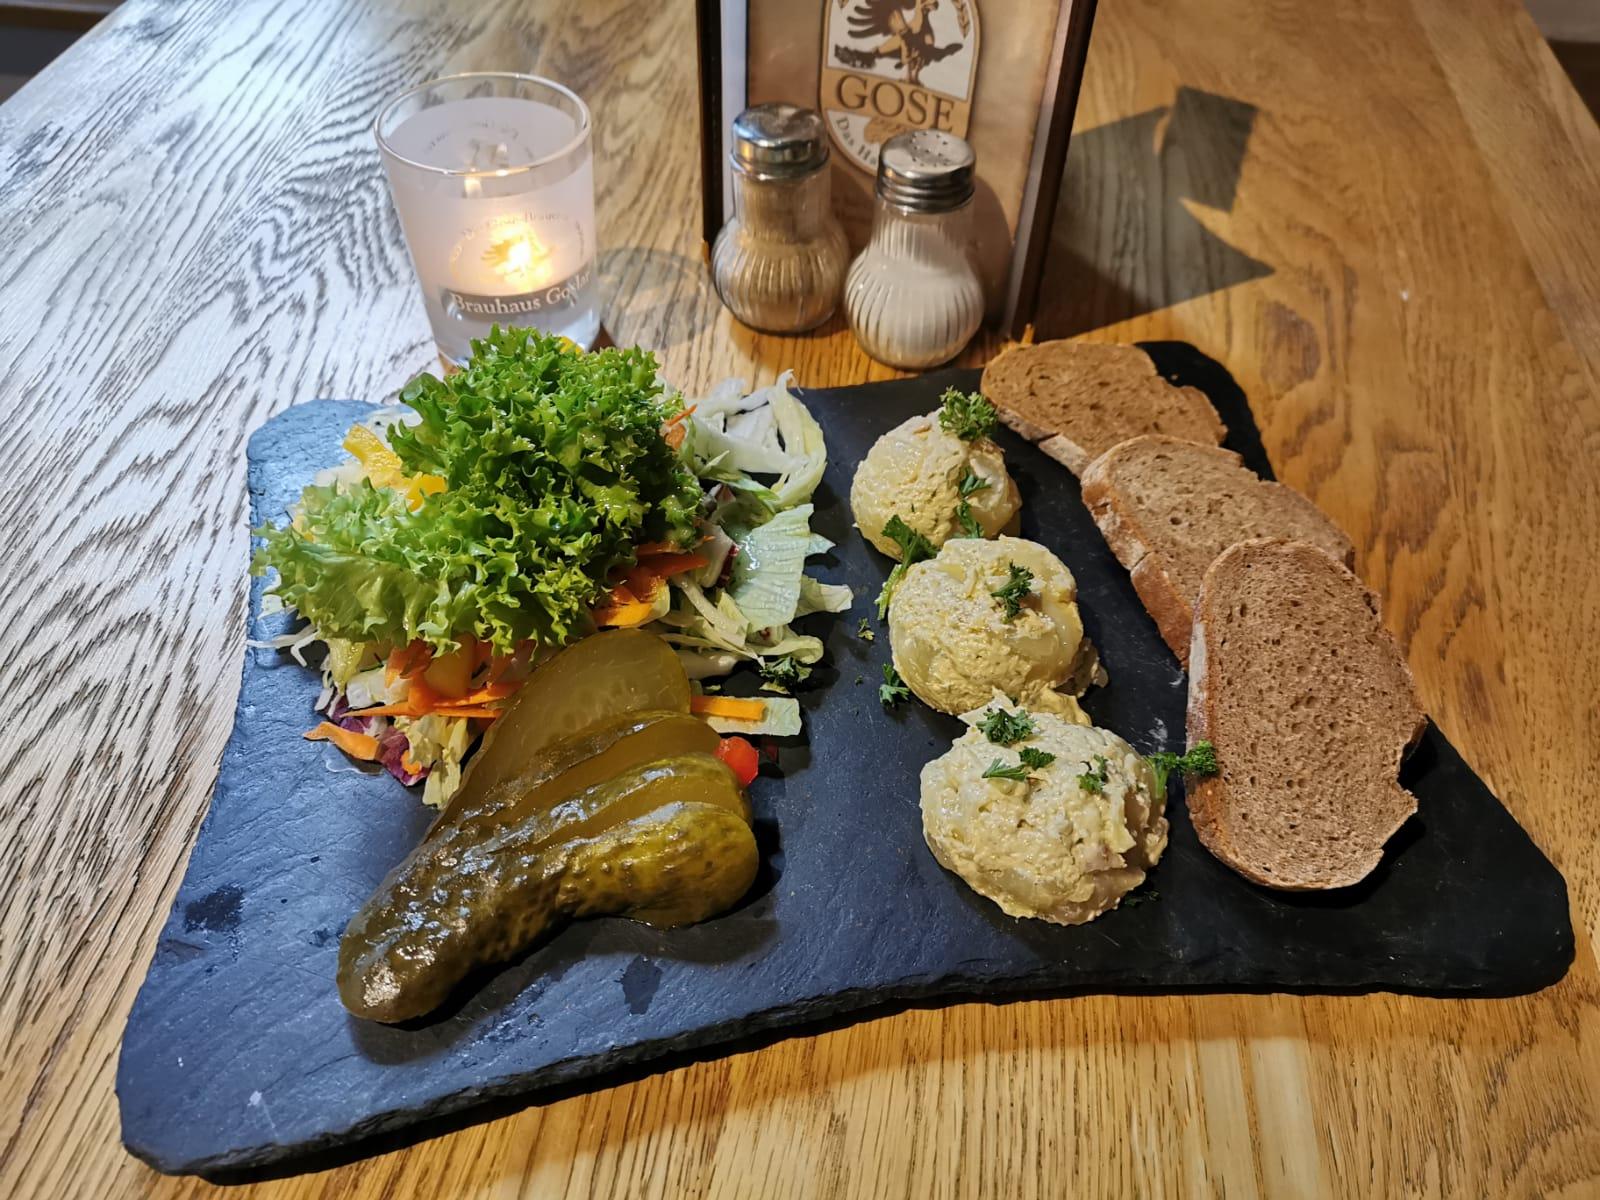 Kleine Speisen Brauhaus Goslar